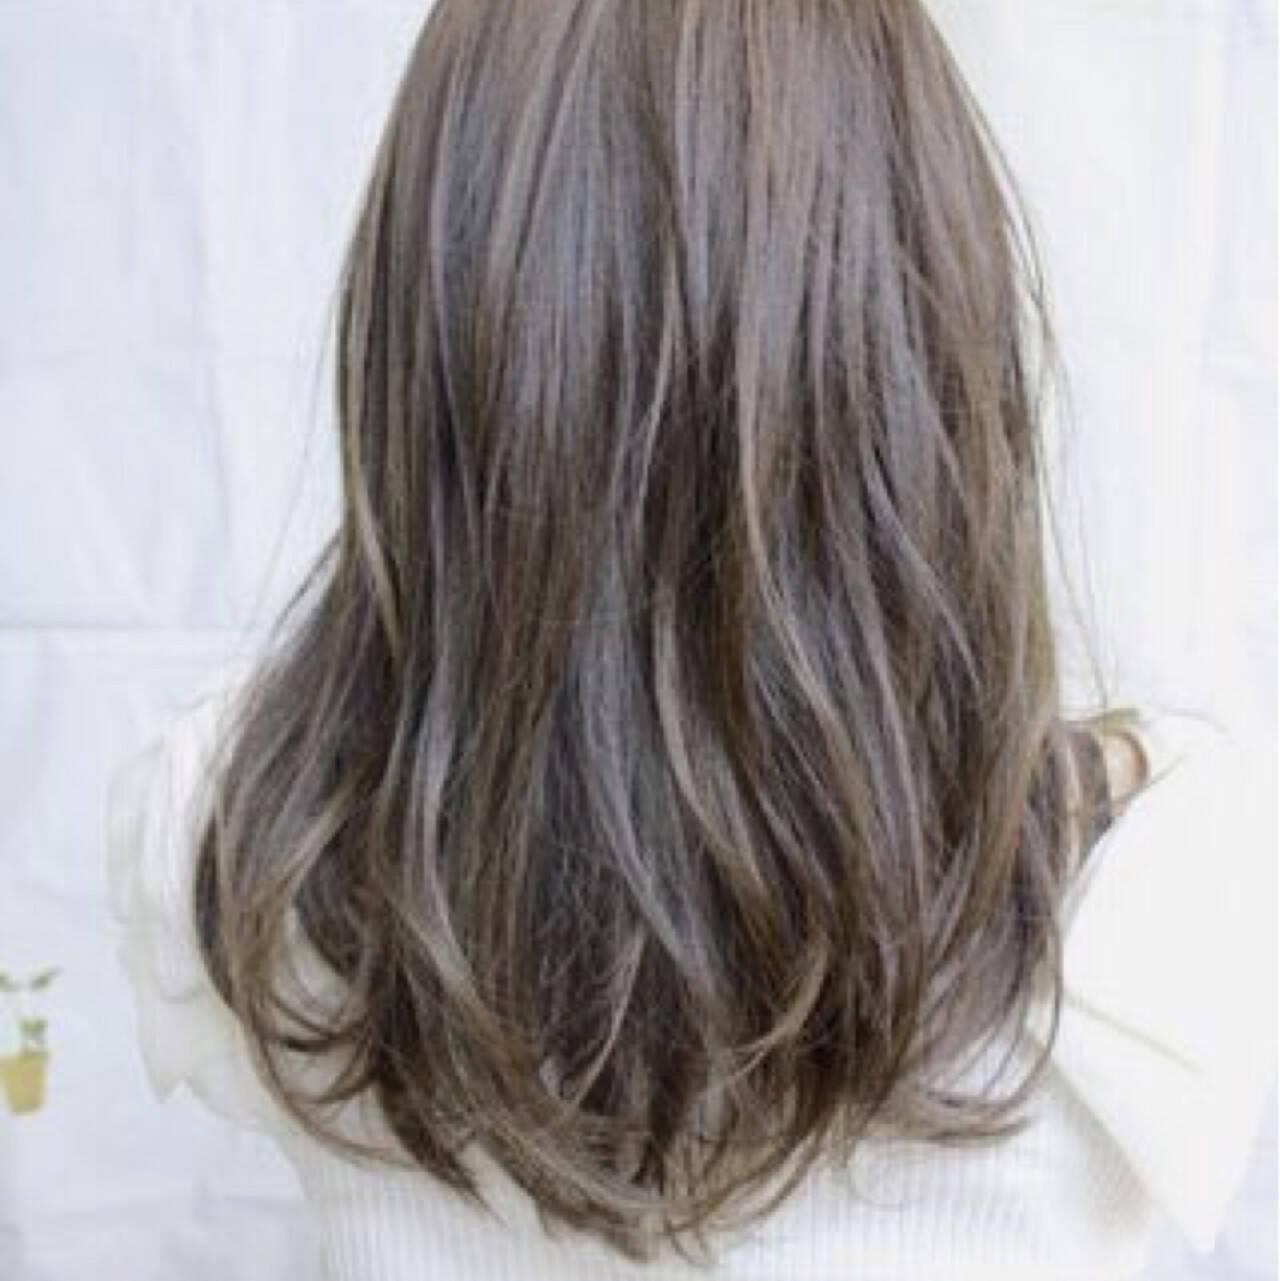 アッシュグレージュ ハイライト バレイヤージュ ストリートヘアスタイルや髪型の写真・画像